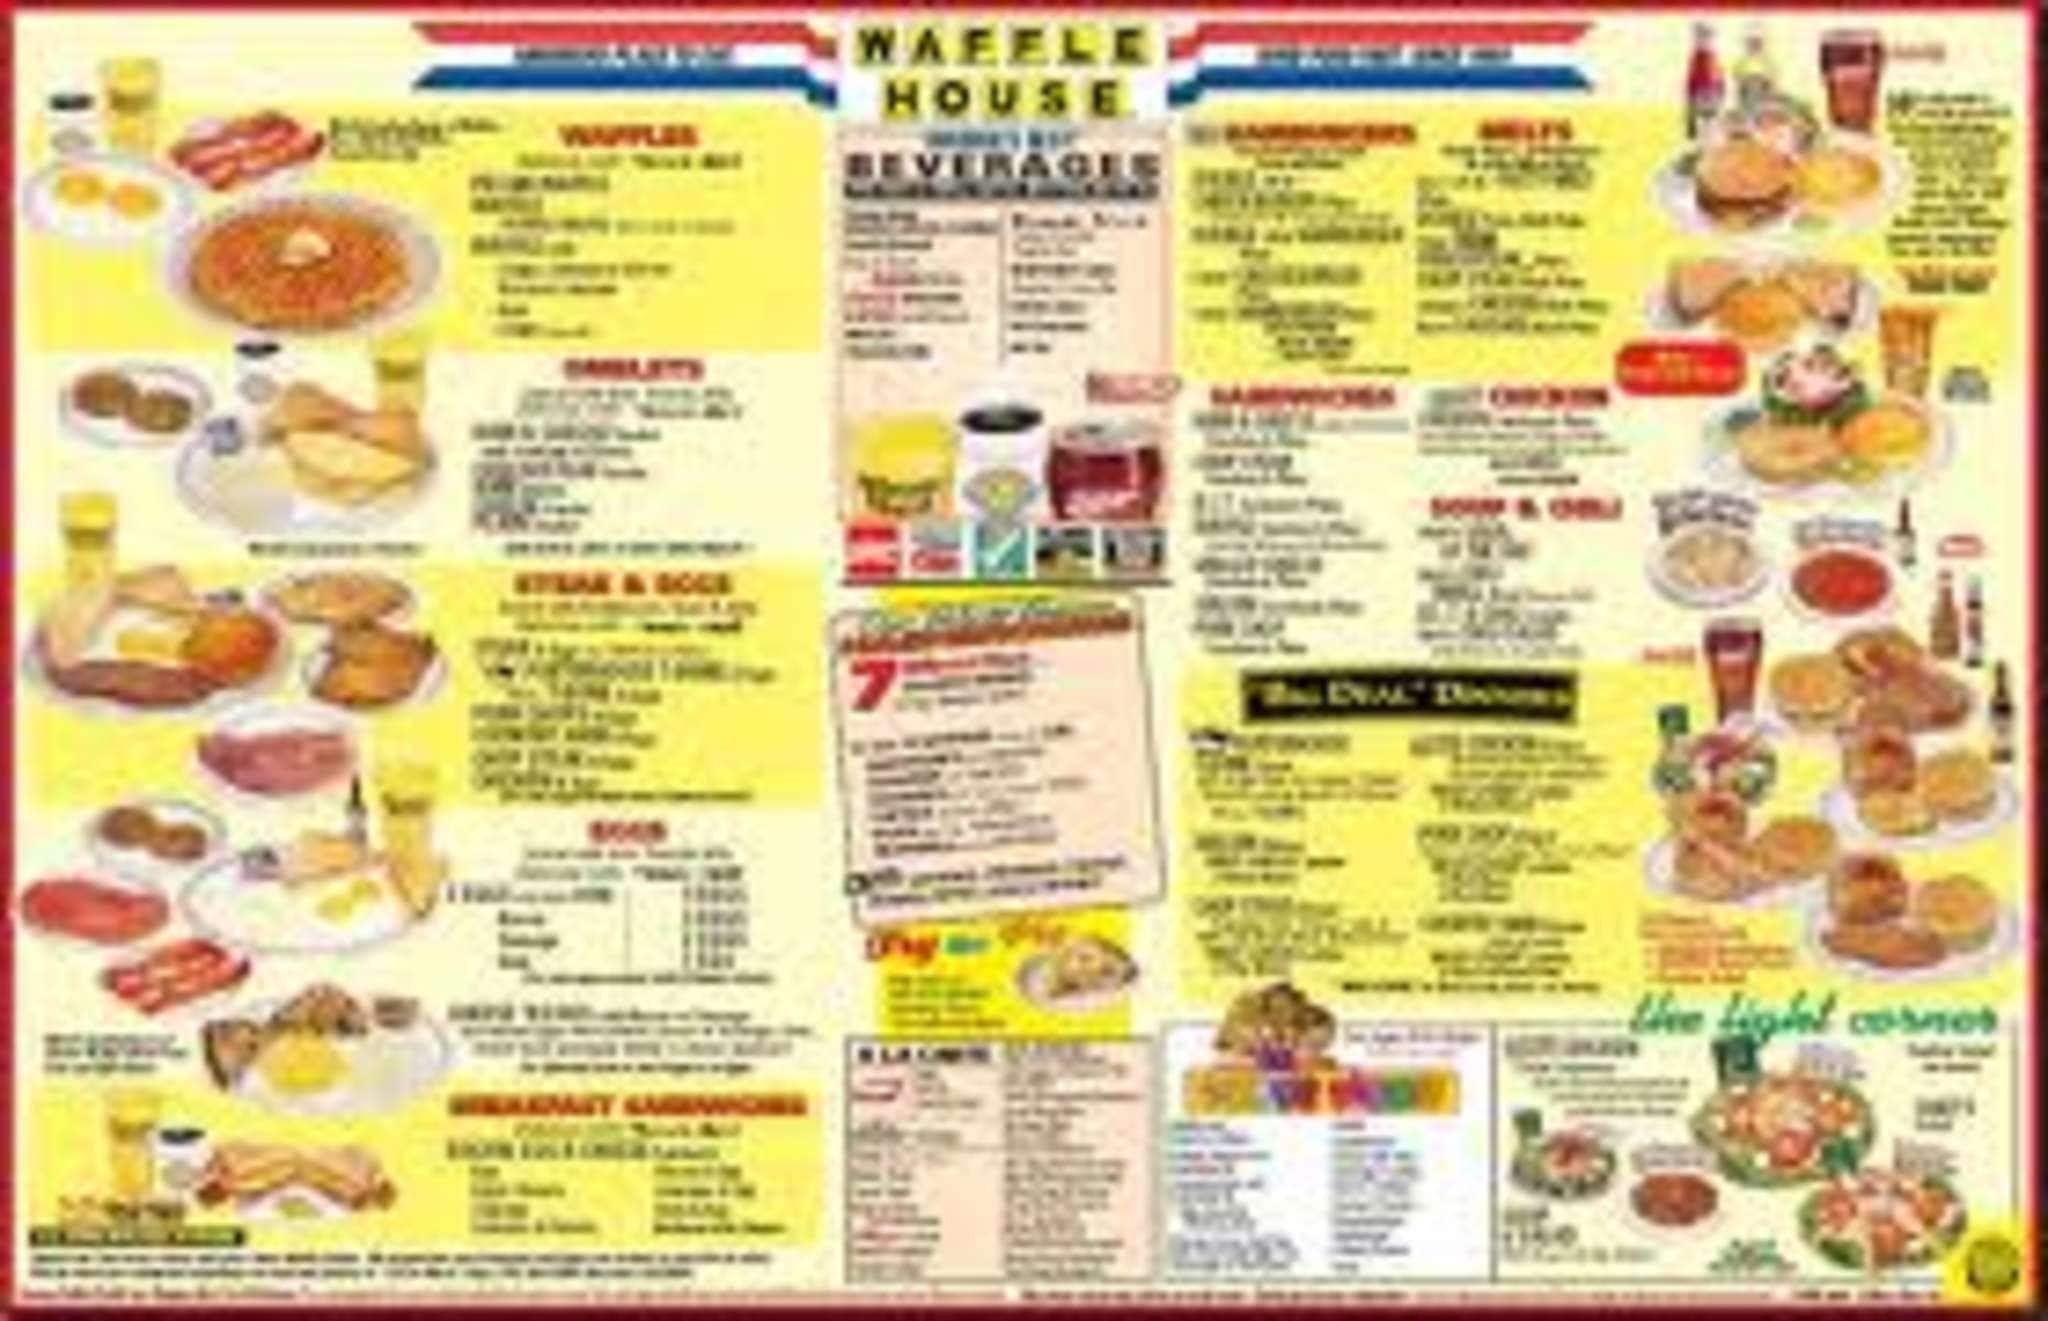 Waffle House Menu Menu for Waffle House Beavercreek Dayton